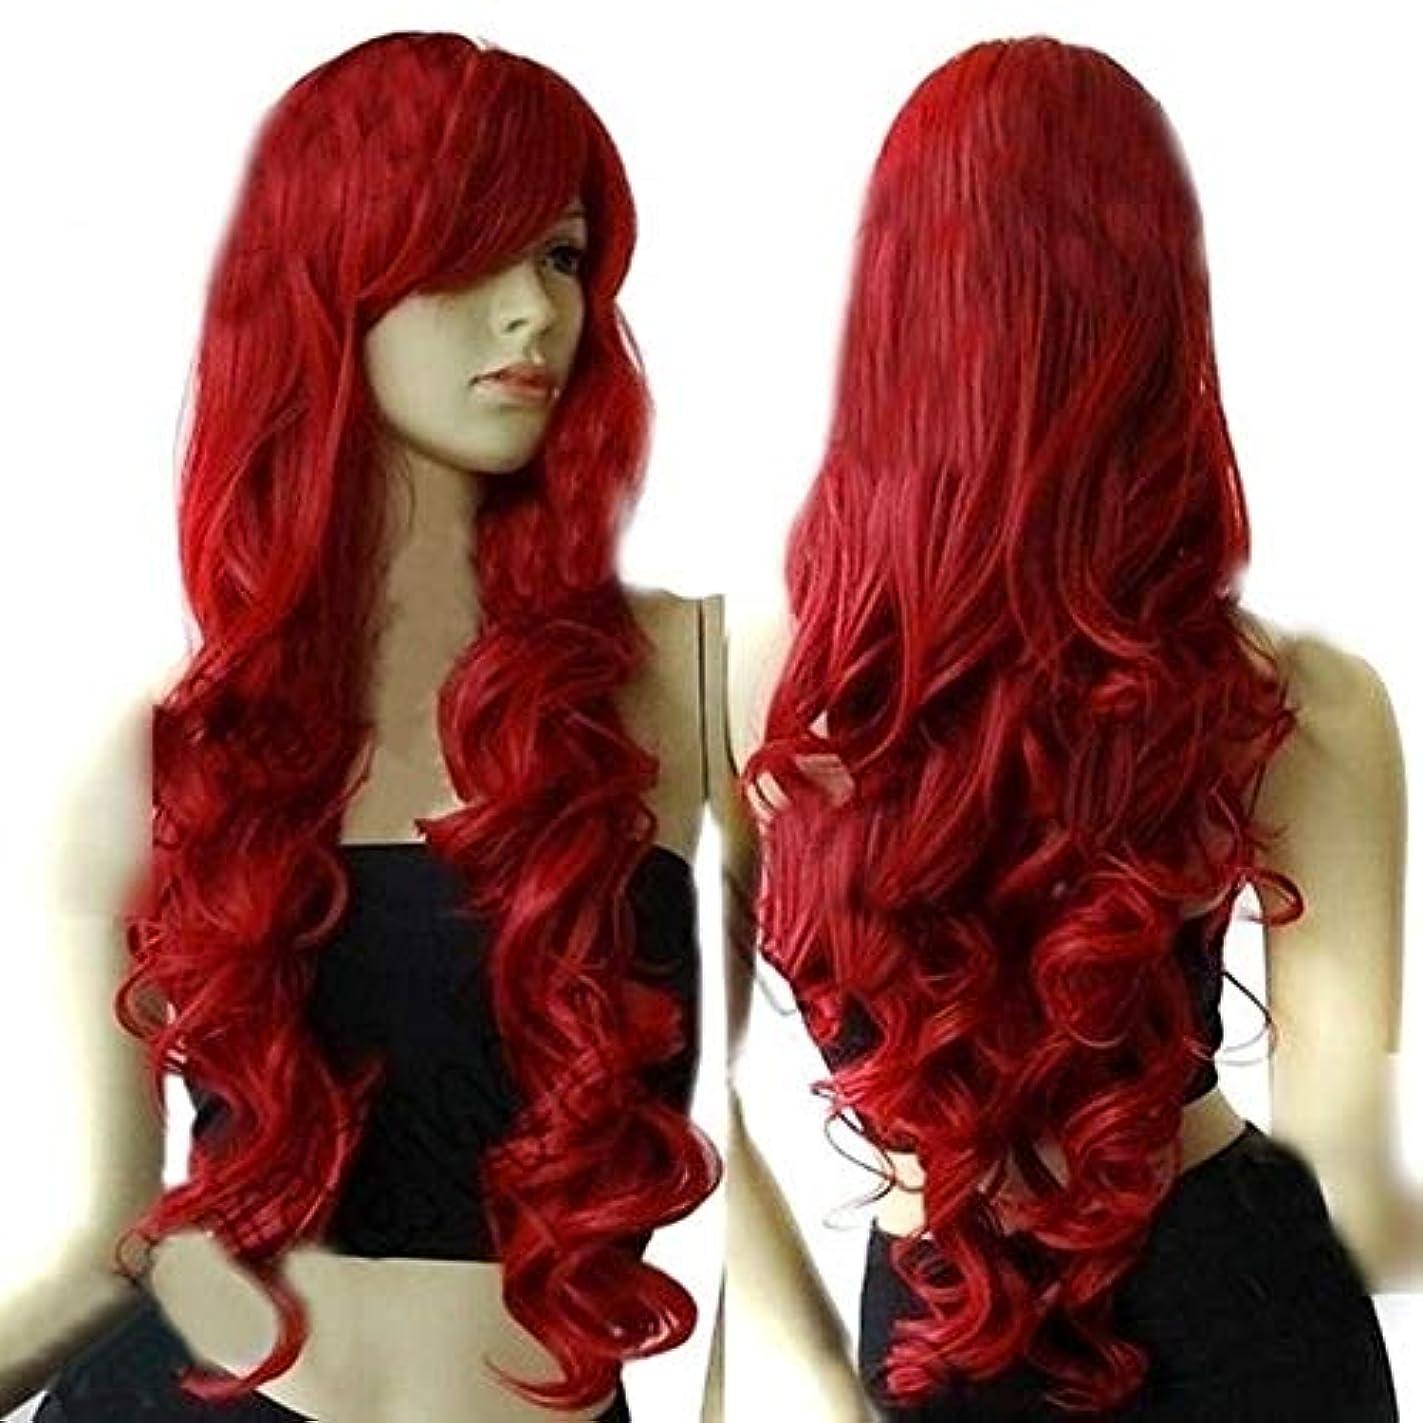 否定するリゾート冷凍庫slQinjiansav女性ウィッグ修理ツールファッション女性ロングカーリーワイン赤ウィッグコスプレパーティーヘアピースヘアエクステンション